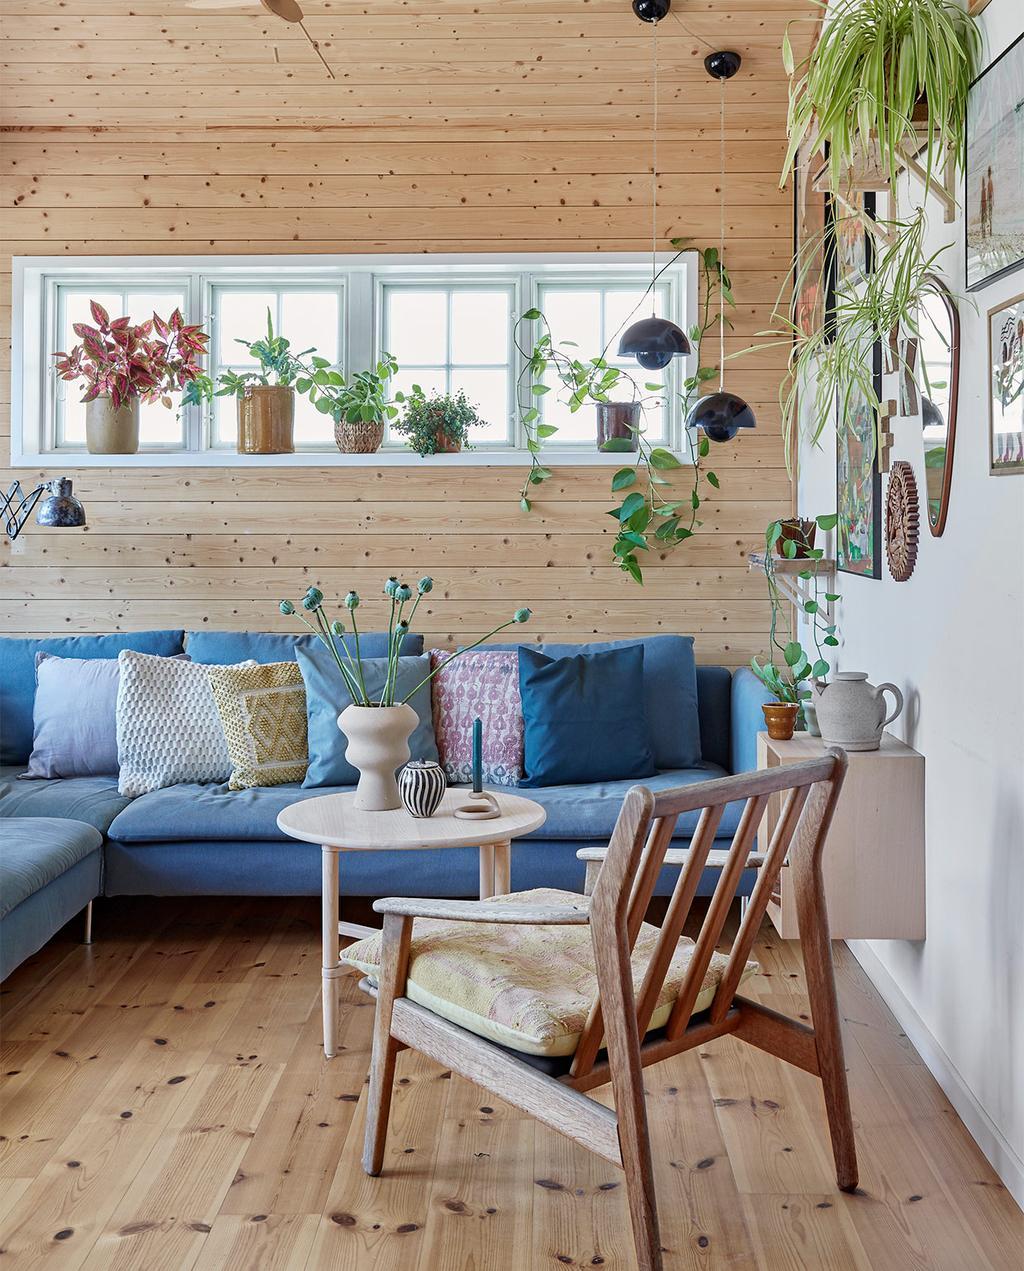 vtwonen special zomerhuizen 07-2021 | blauwe hoekbank met een stoel van hout